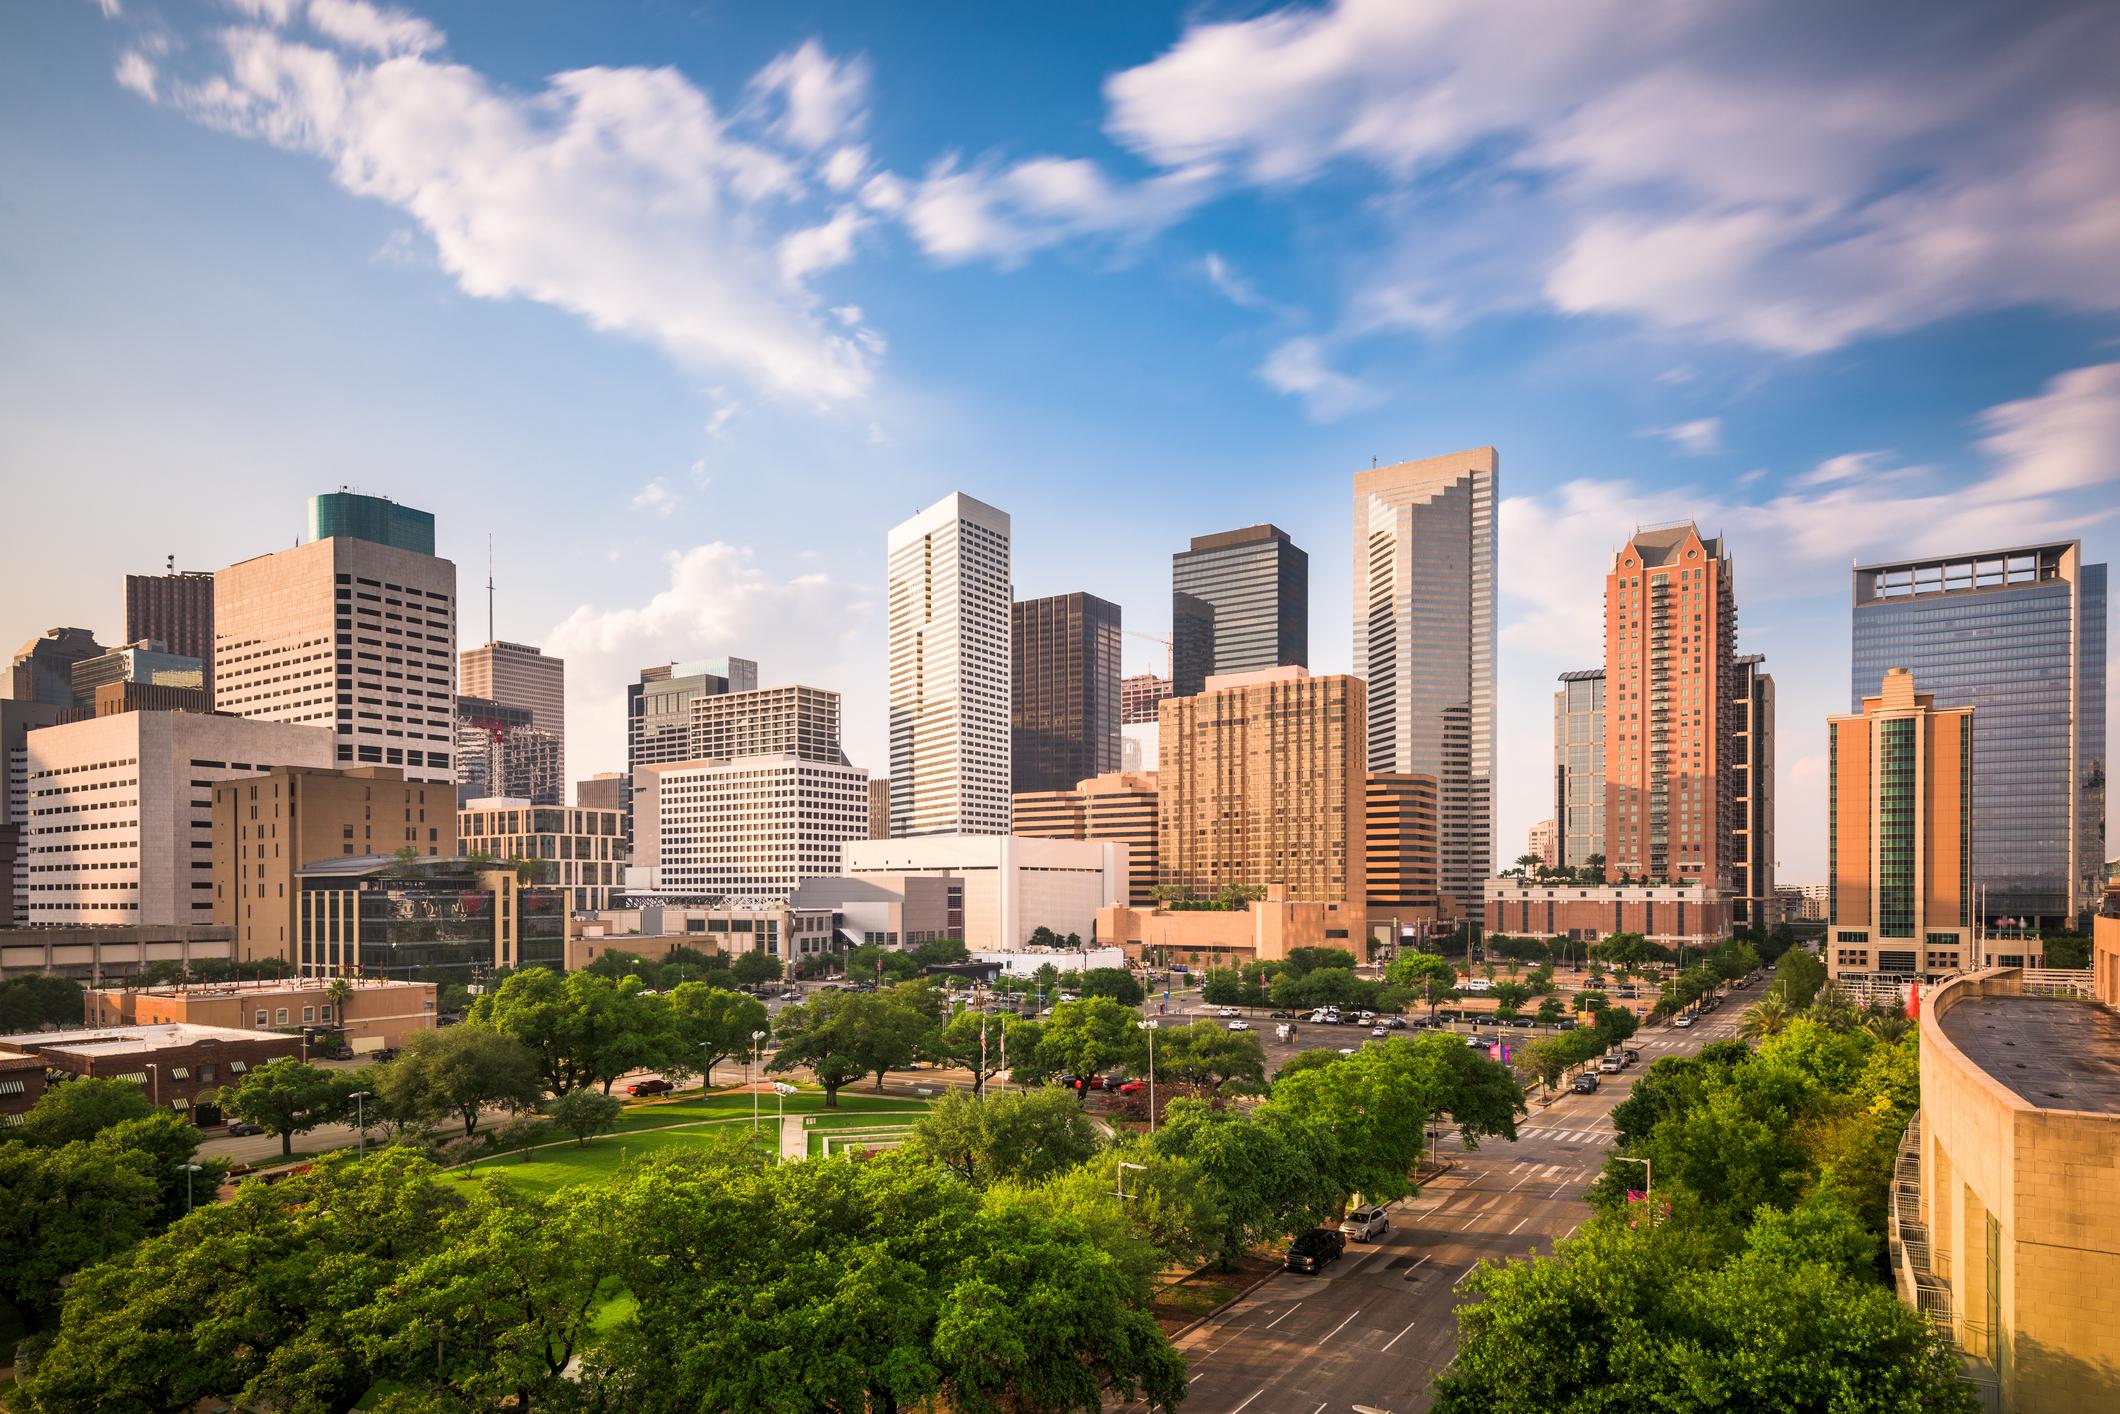 8-Day French Quarter, Oak Alley Plantation, Houston, San Antonio,  Austin, Dallas Tour from New Orleans